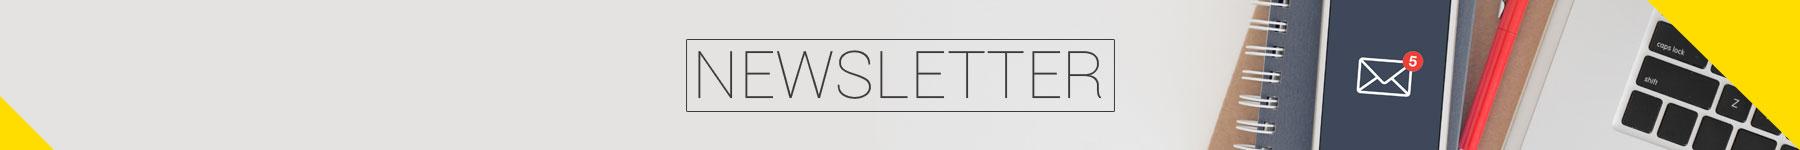 BibLus_BIM_header_newsletter-[2019_3]